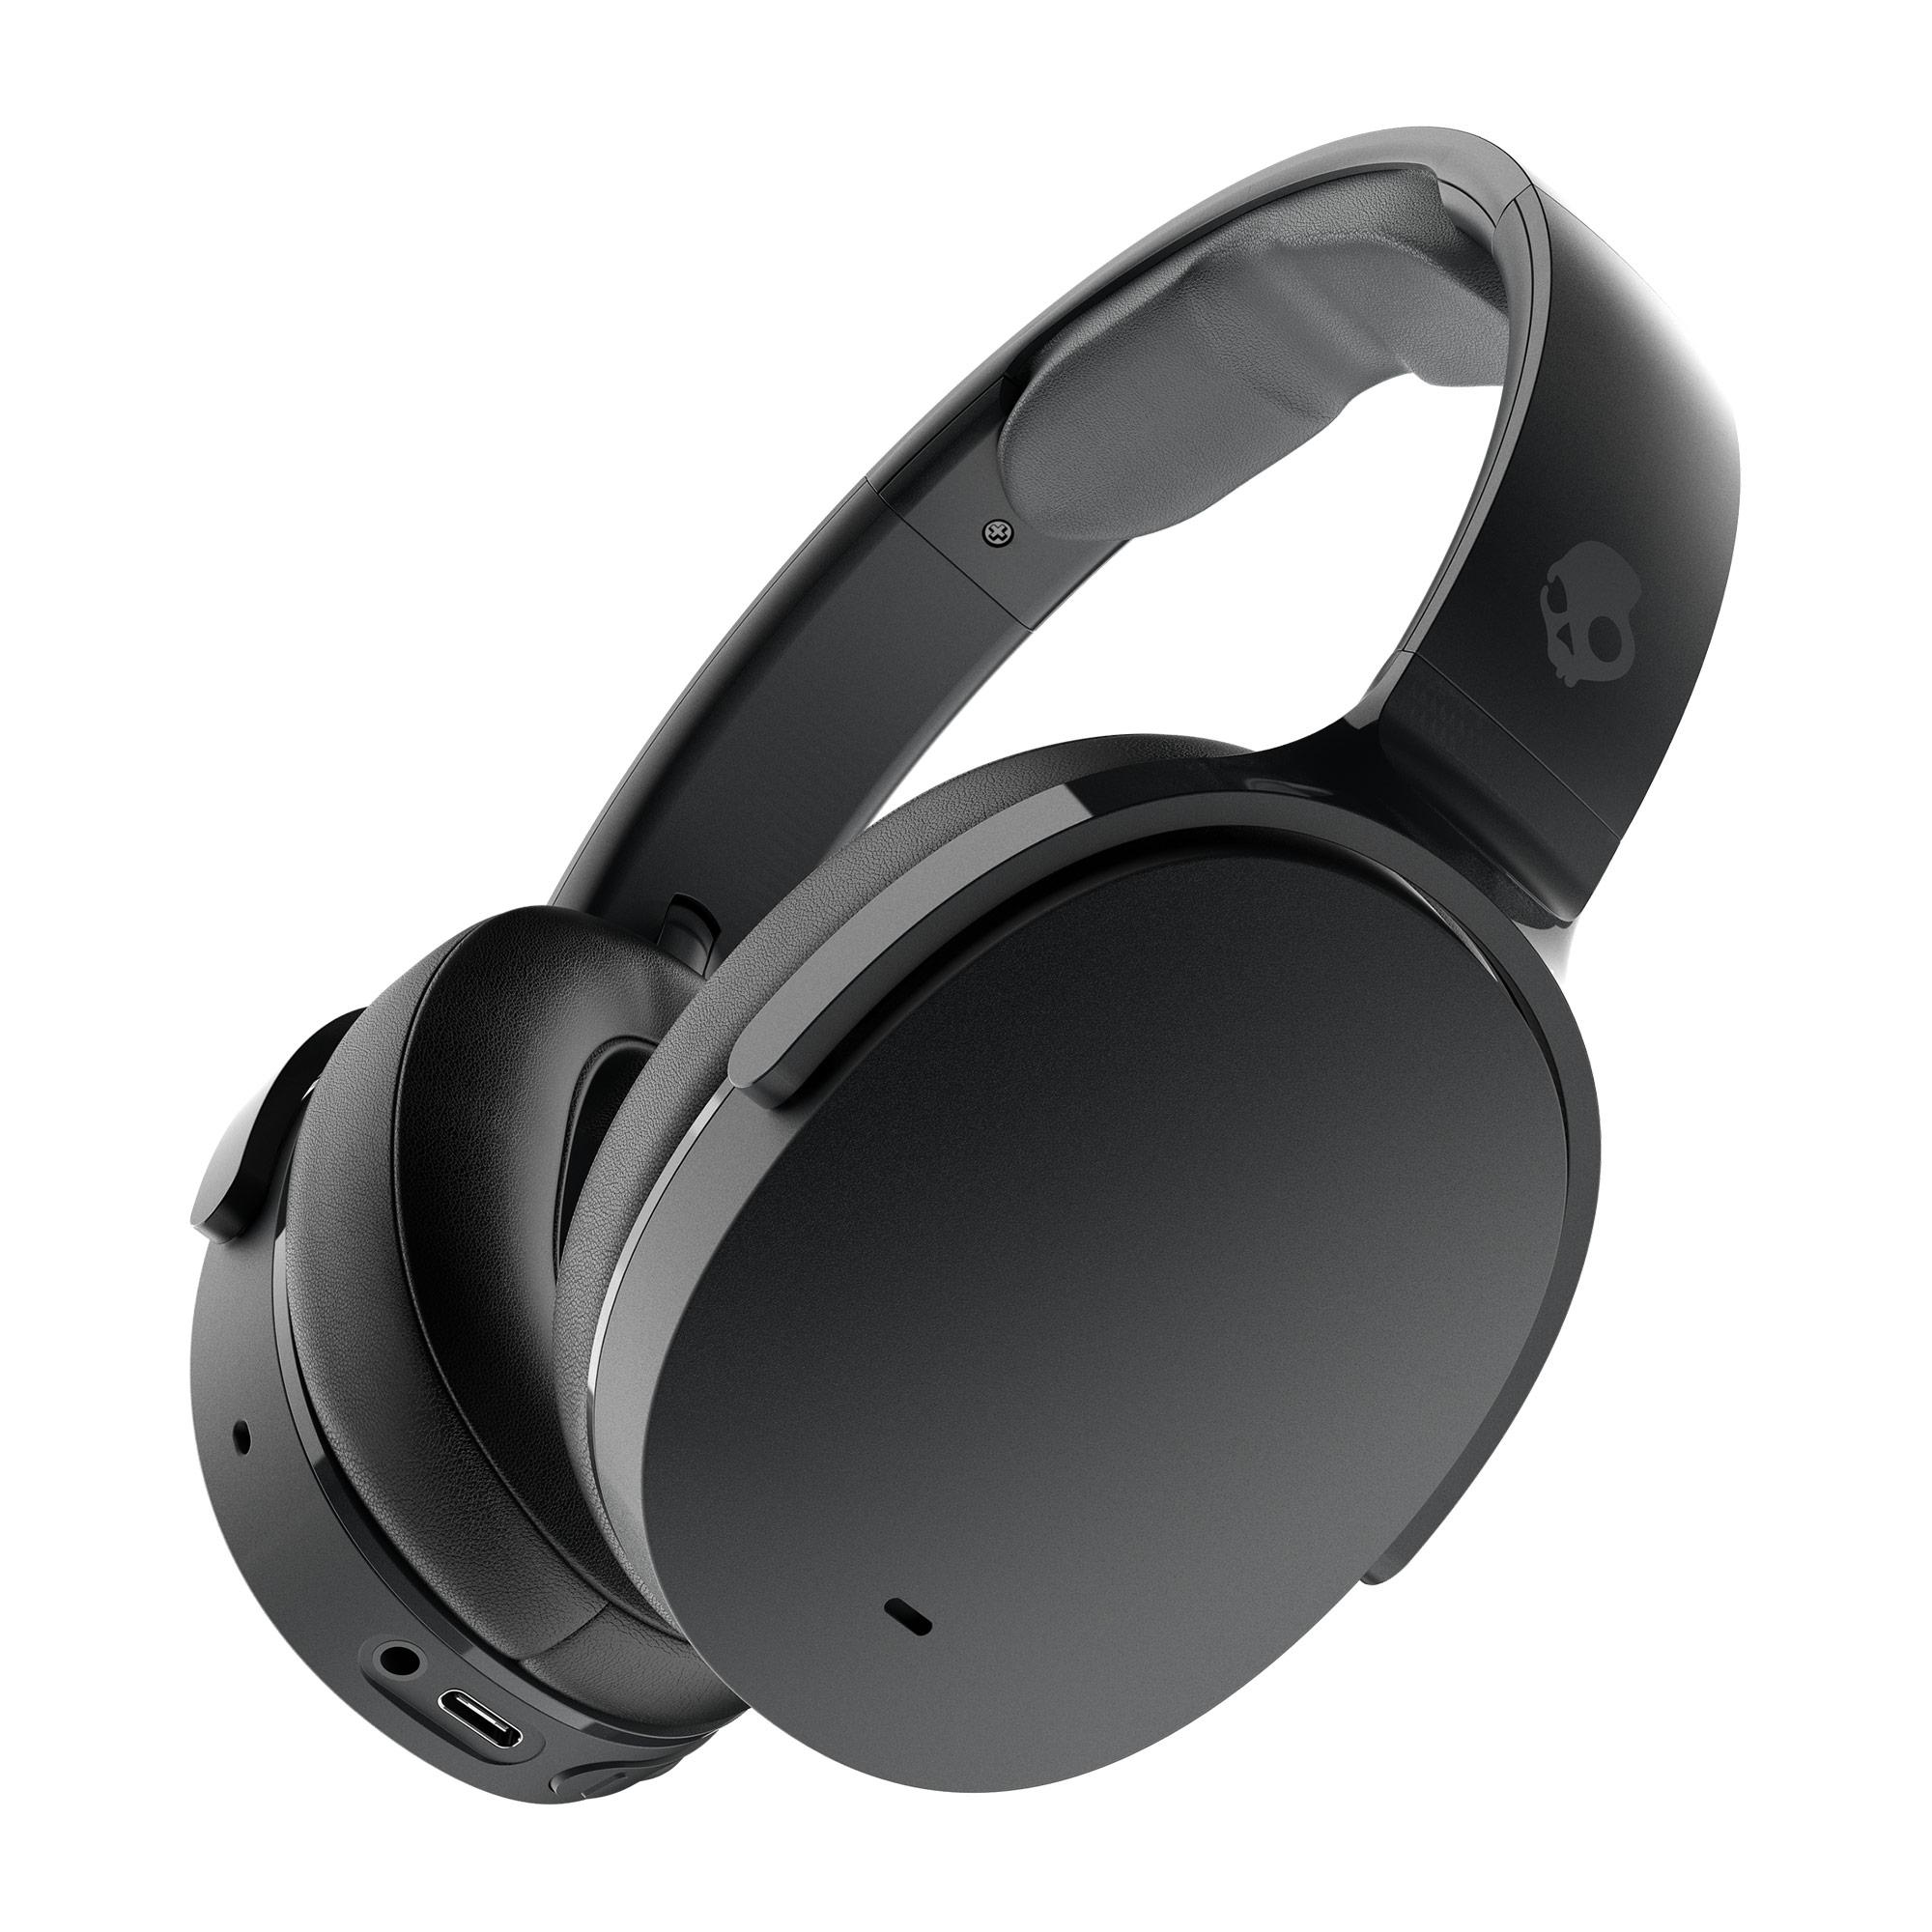 [Sản Phẩm Mới] Tai nghe Hesh ANC Noise Canceling Wireless - Công Nghệ Chống Ồn Cao Cấp - Bảo Hành Chính Hãng